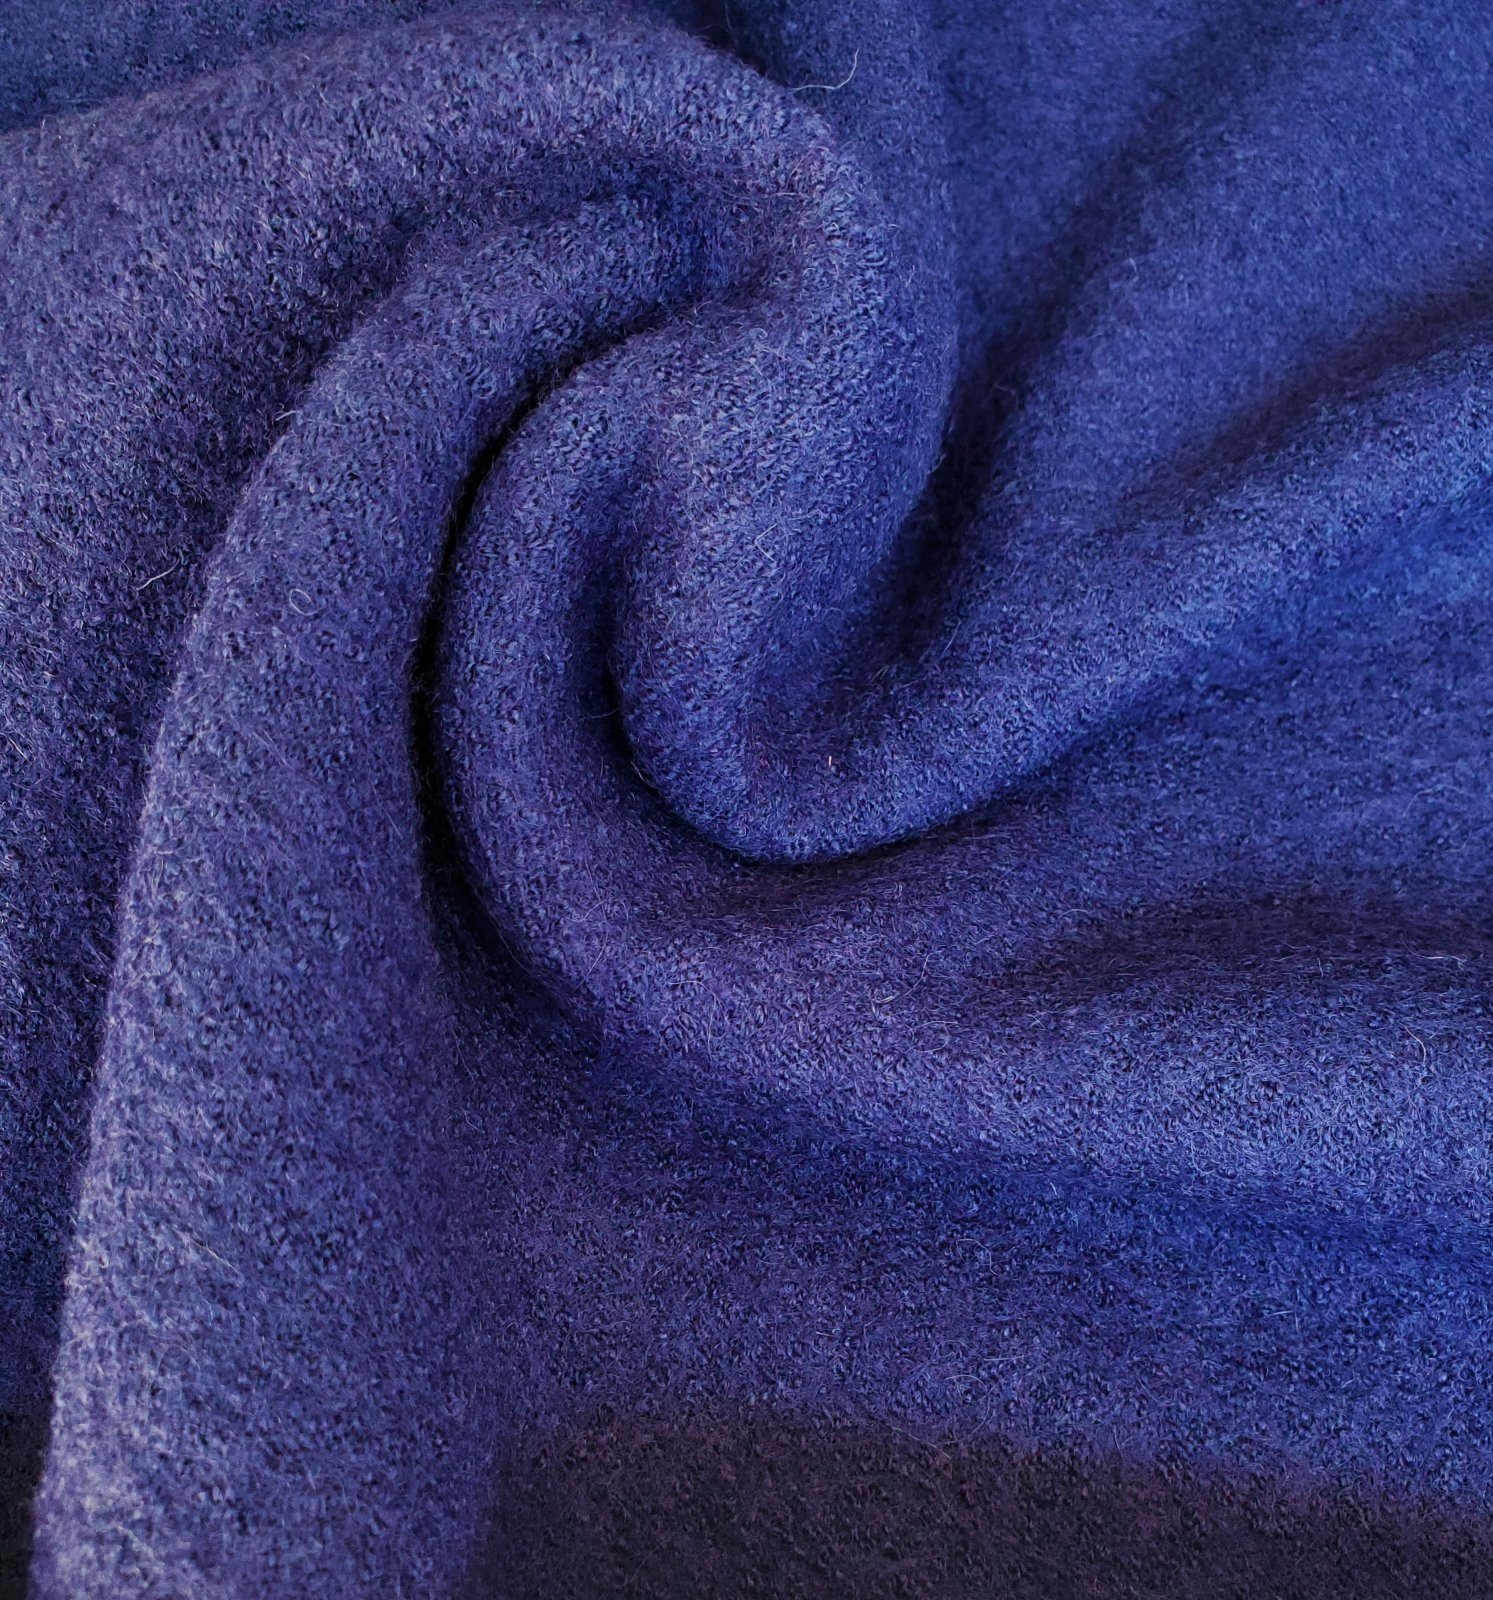 Boiled wool/rayon knit-FF-01427